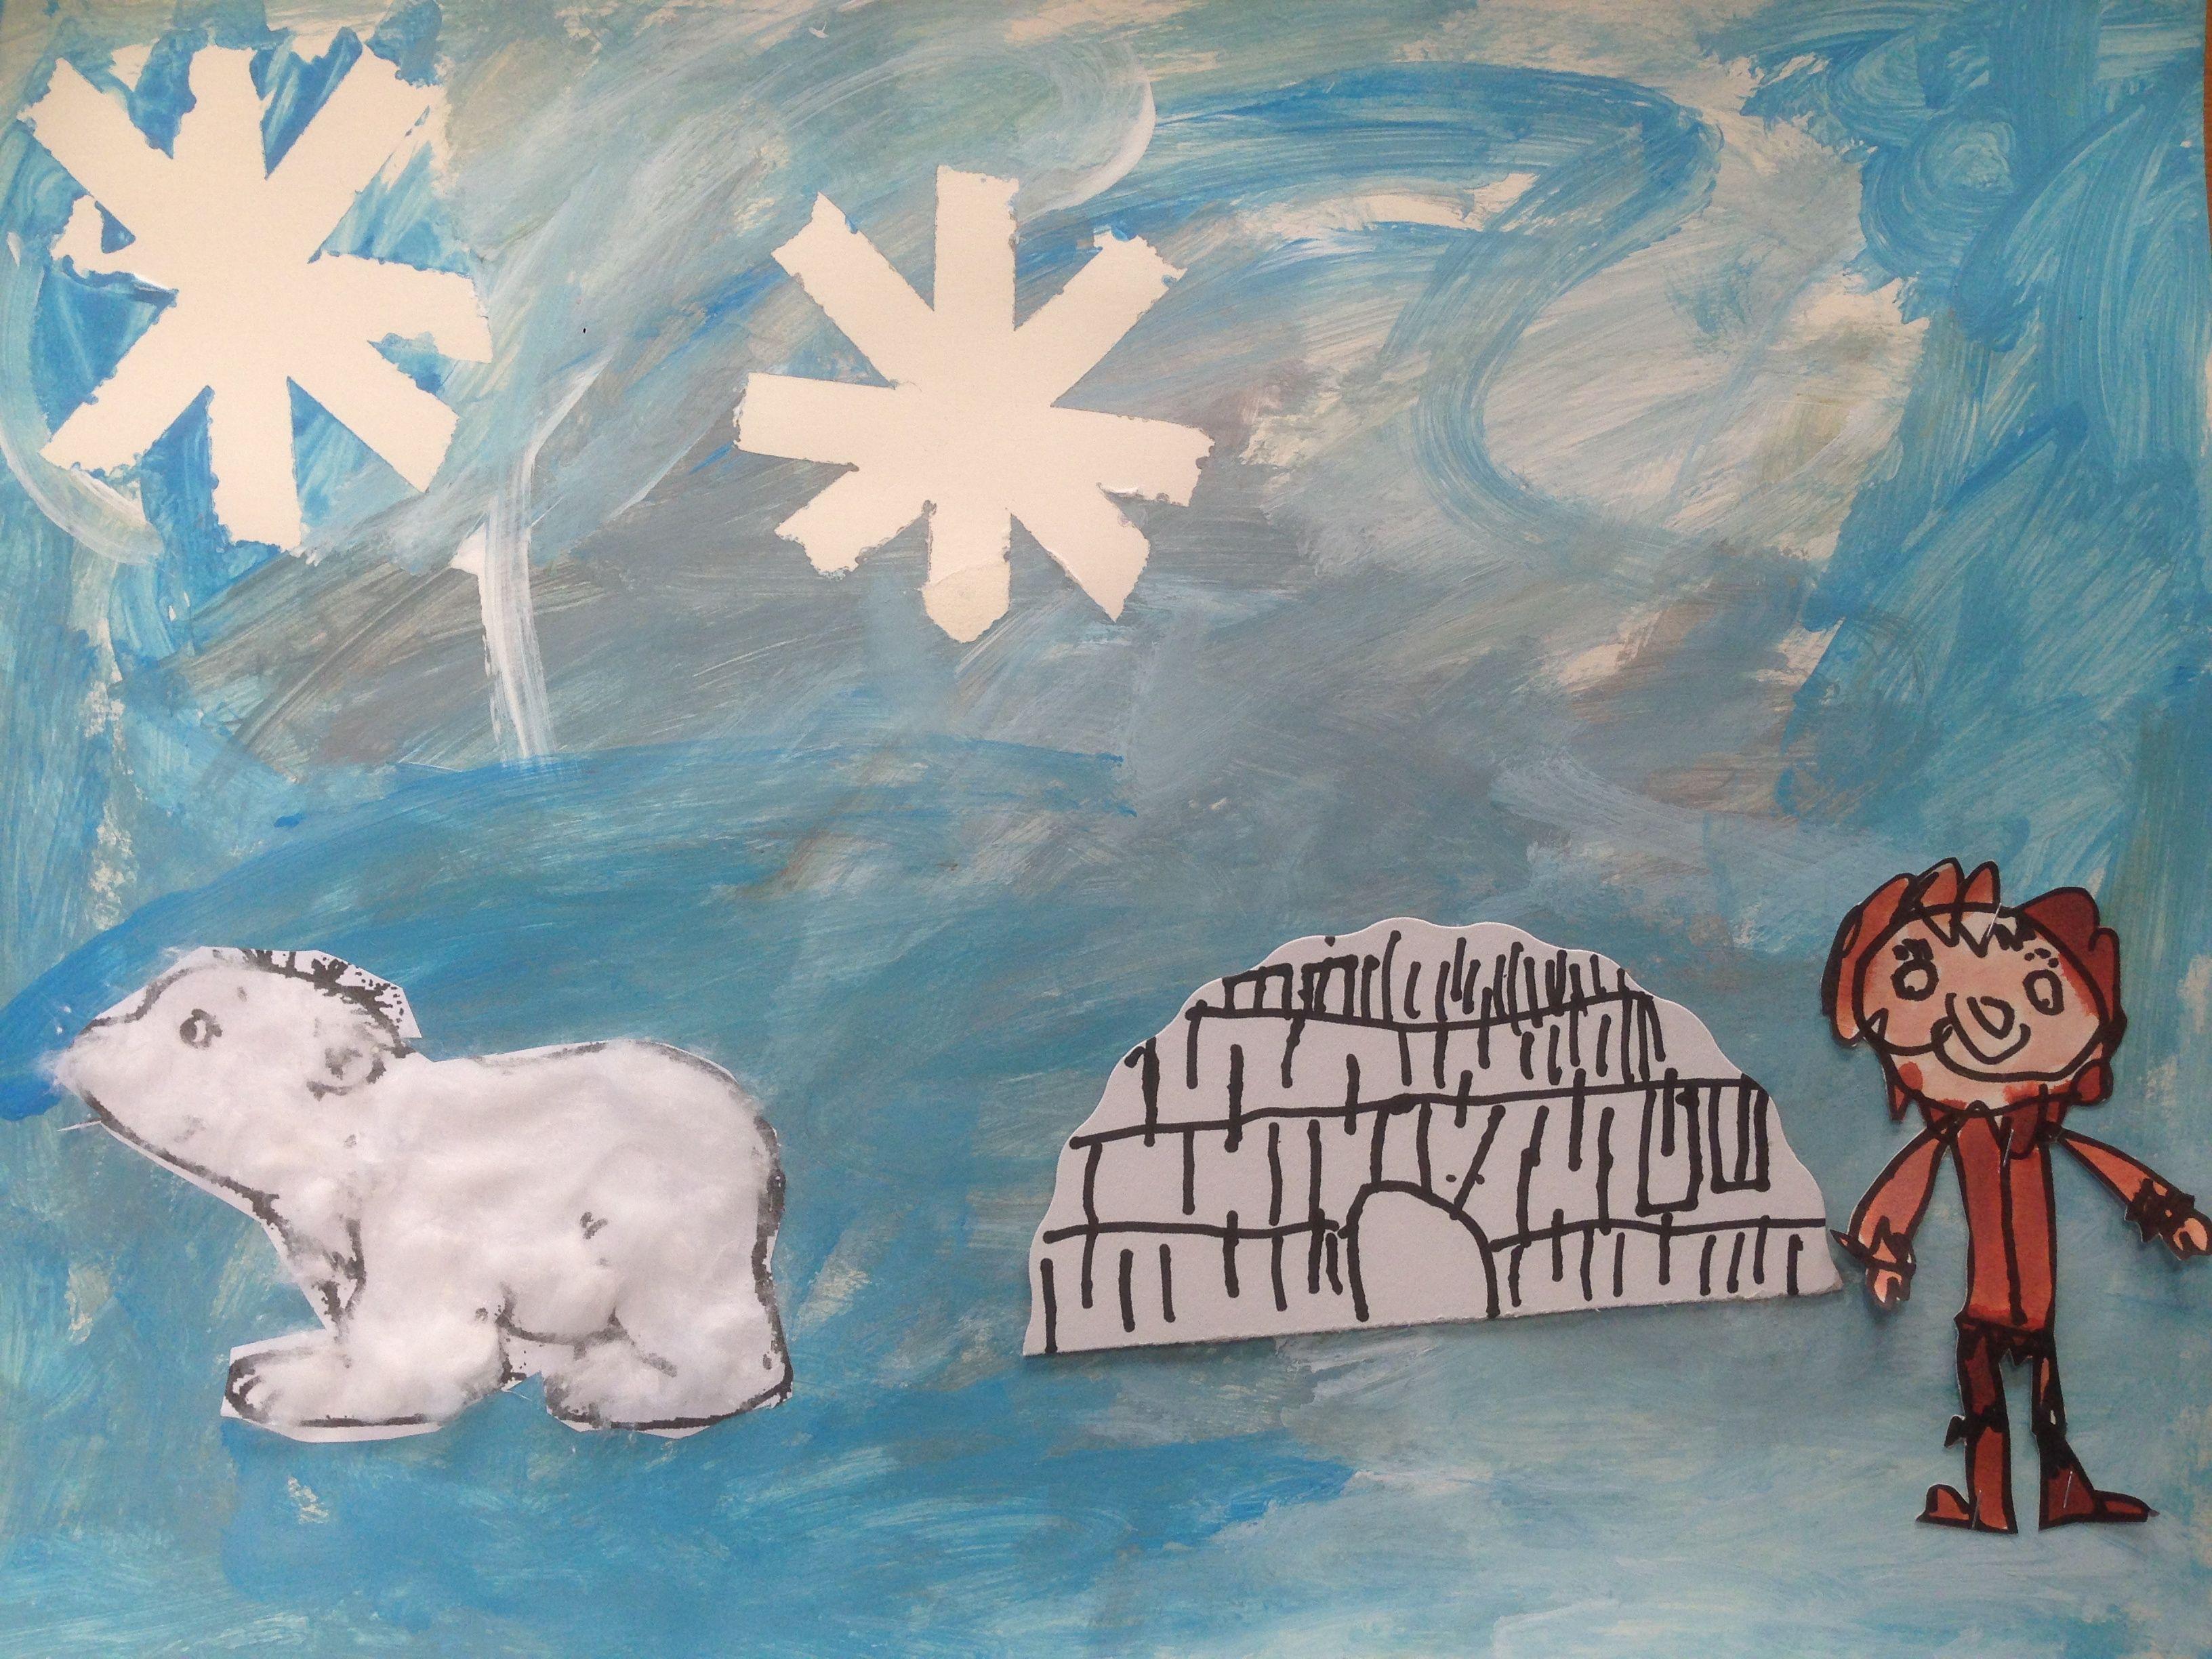 Kleine Ijsbeer Watten Op Uitgeknipte Kleurplaat Achtergrond Met Plakkaatverf Wit Lichtblauw Grijs Sterren Tape Aftrekken Ijsbeer Thema Kleurplaten